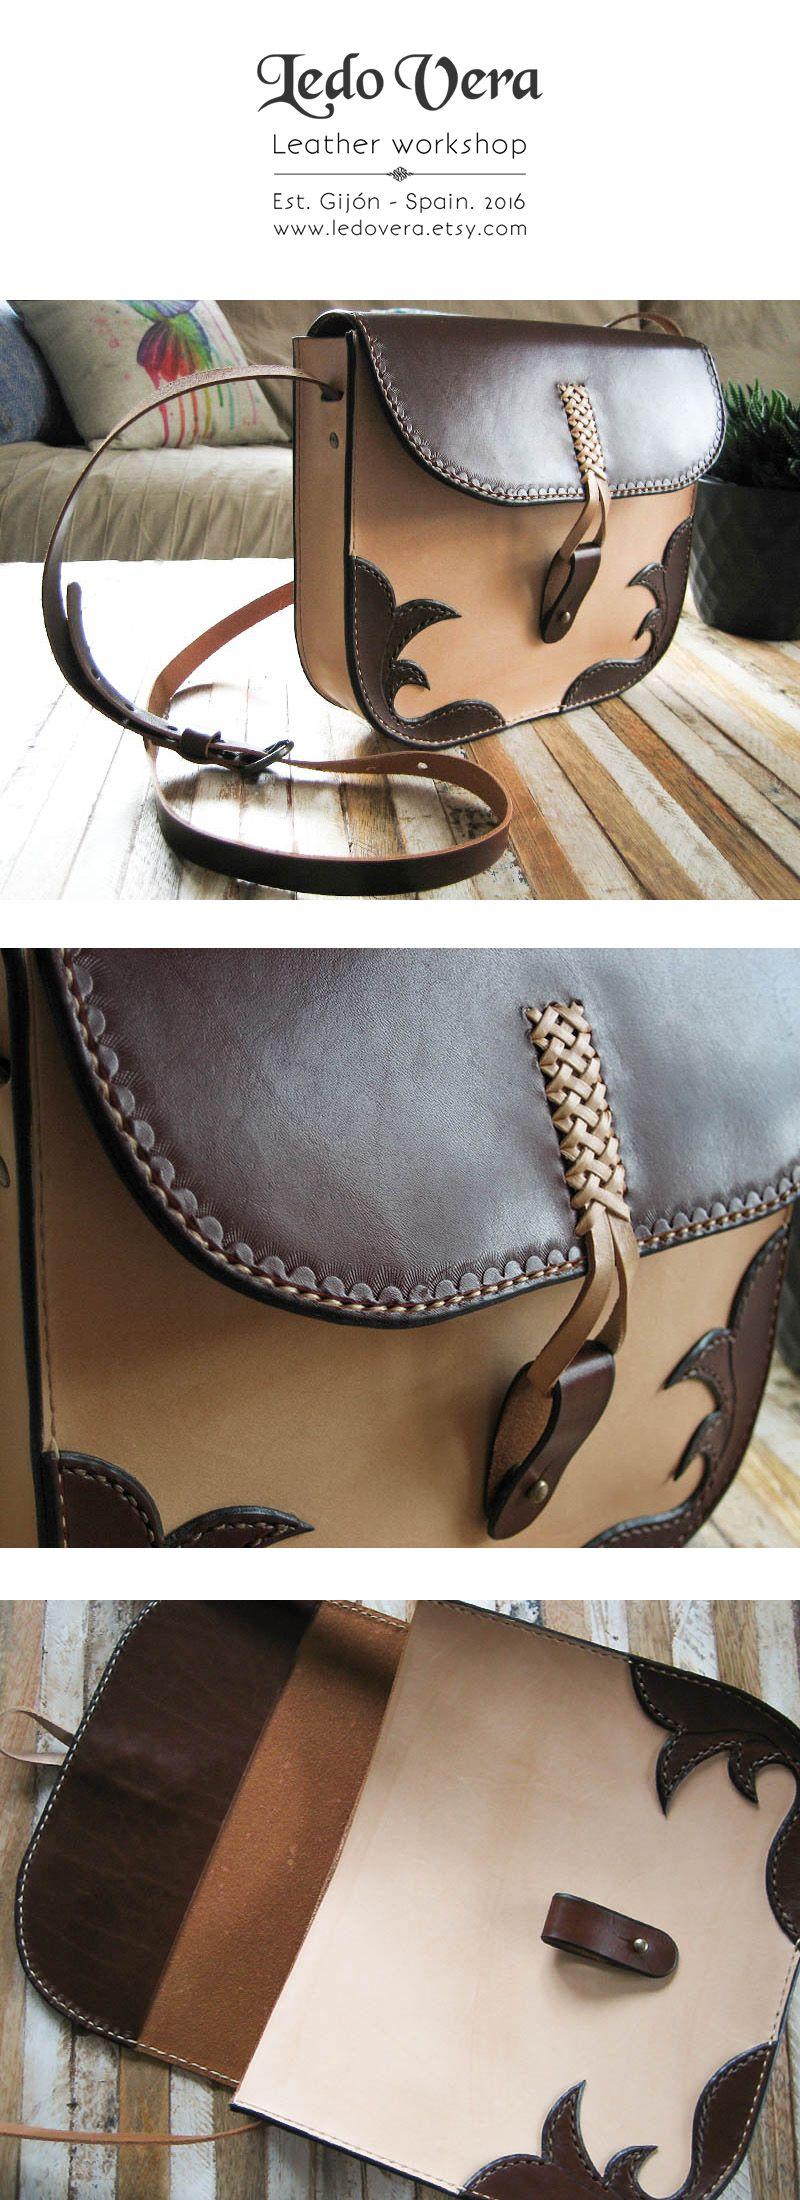 a completamente leather purse de hecho Bolso Handcrafted mano cuero x1UqOBB